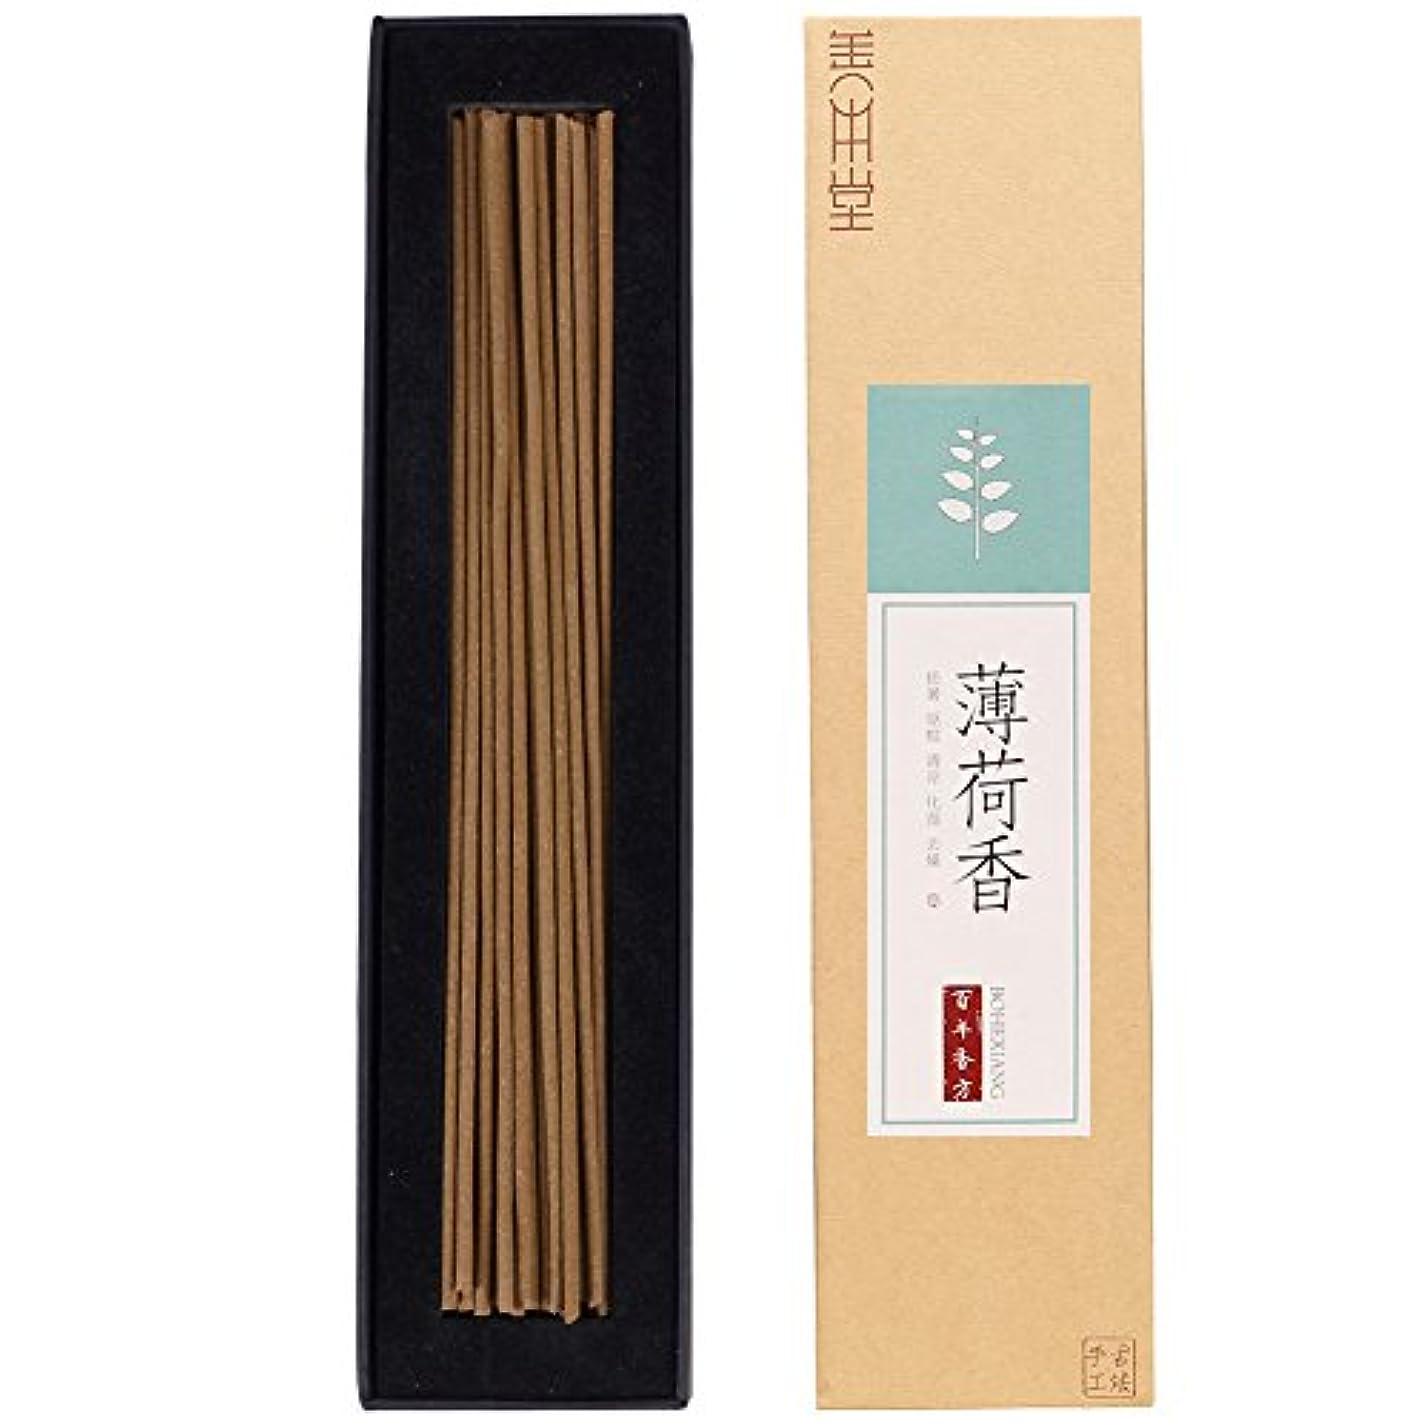 善本堂天然の手作りお香 伝統技術作る 養心安神のお香 お線香ギフト (21cm 50本入)